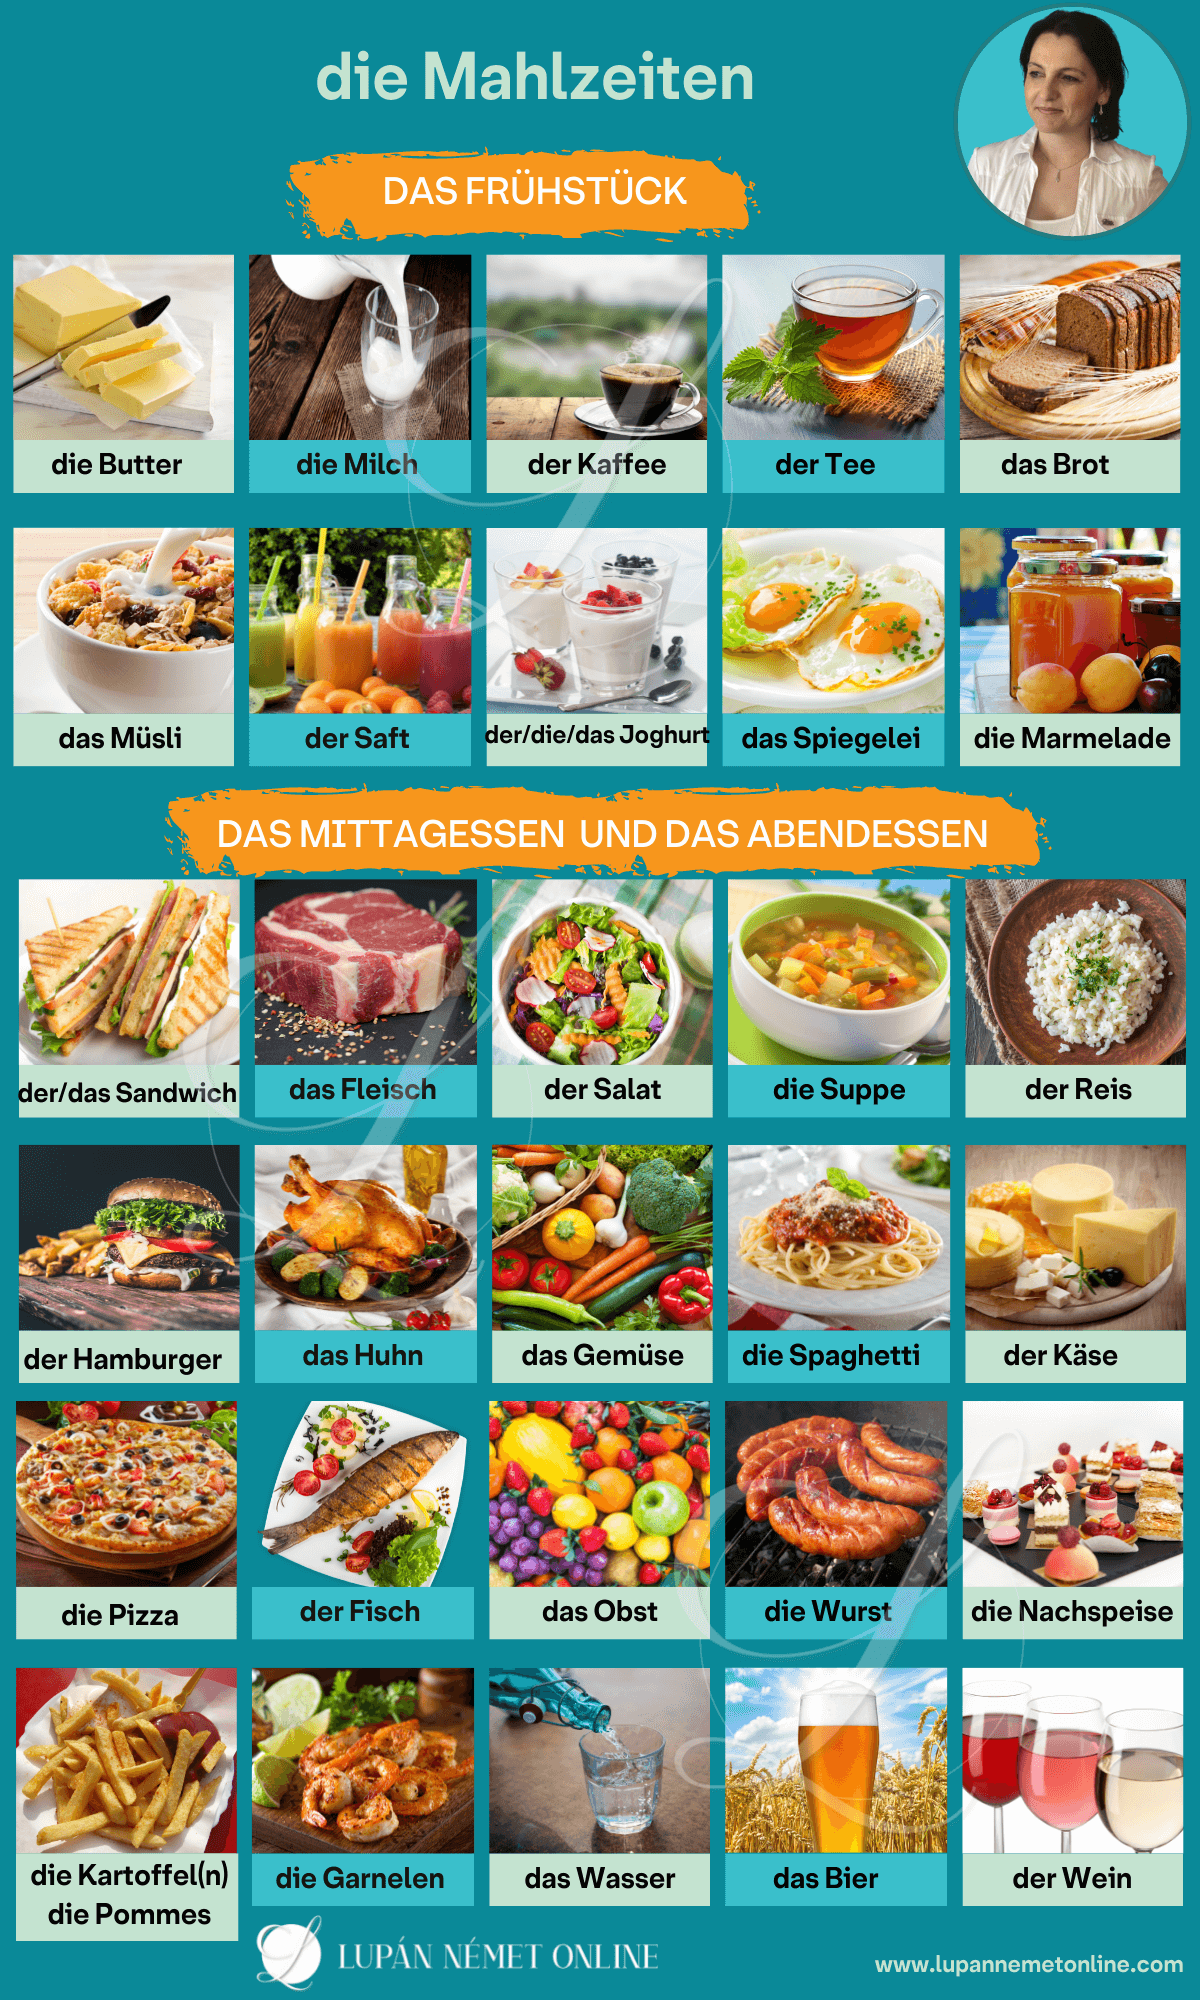 Mahlzeiten etkezesek